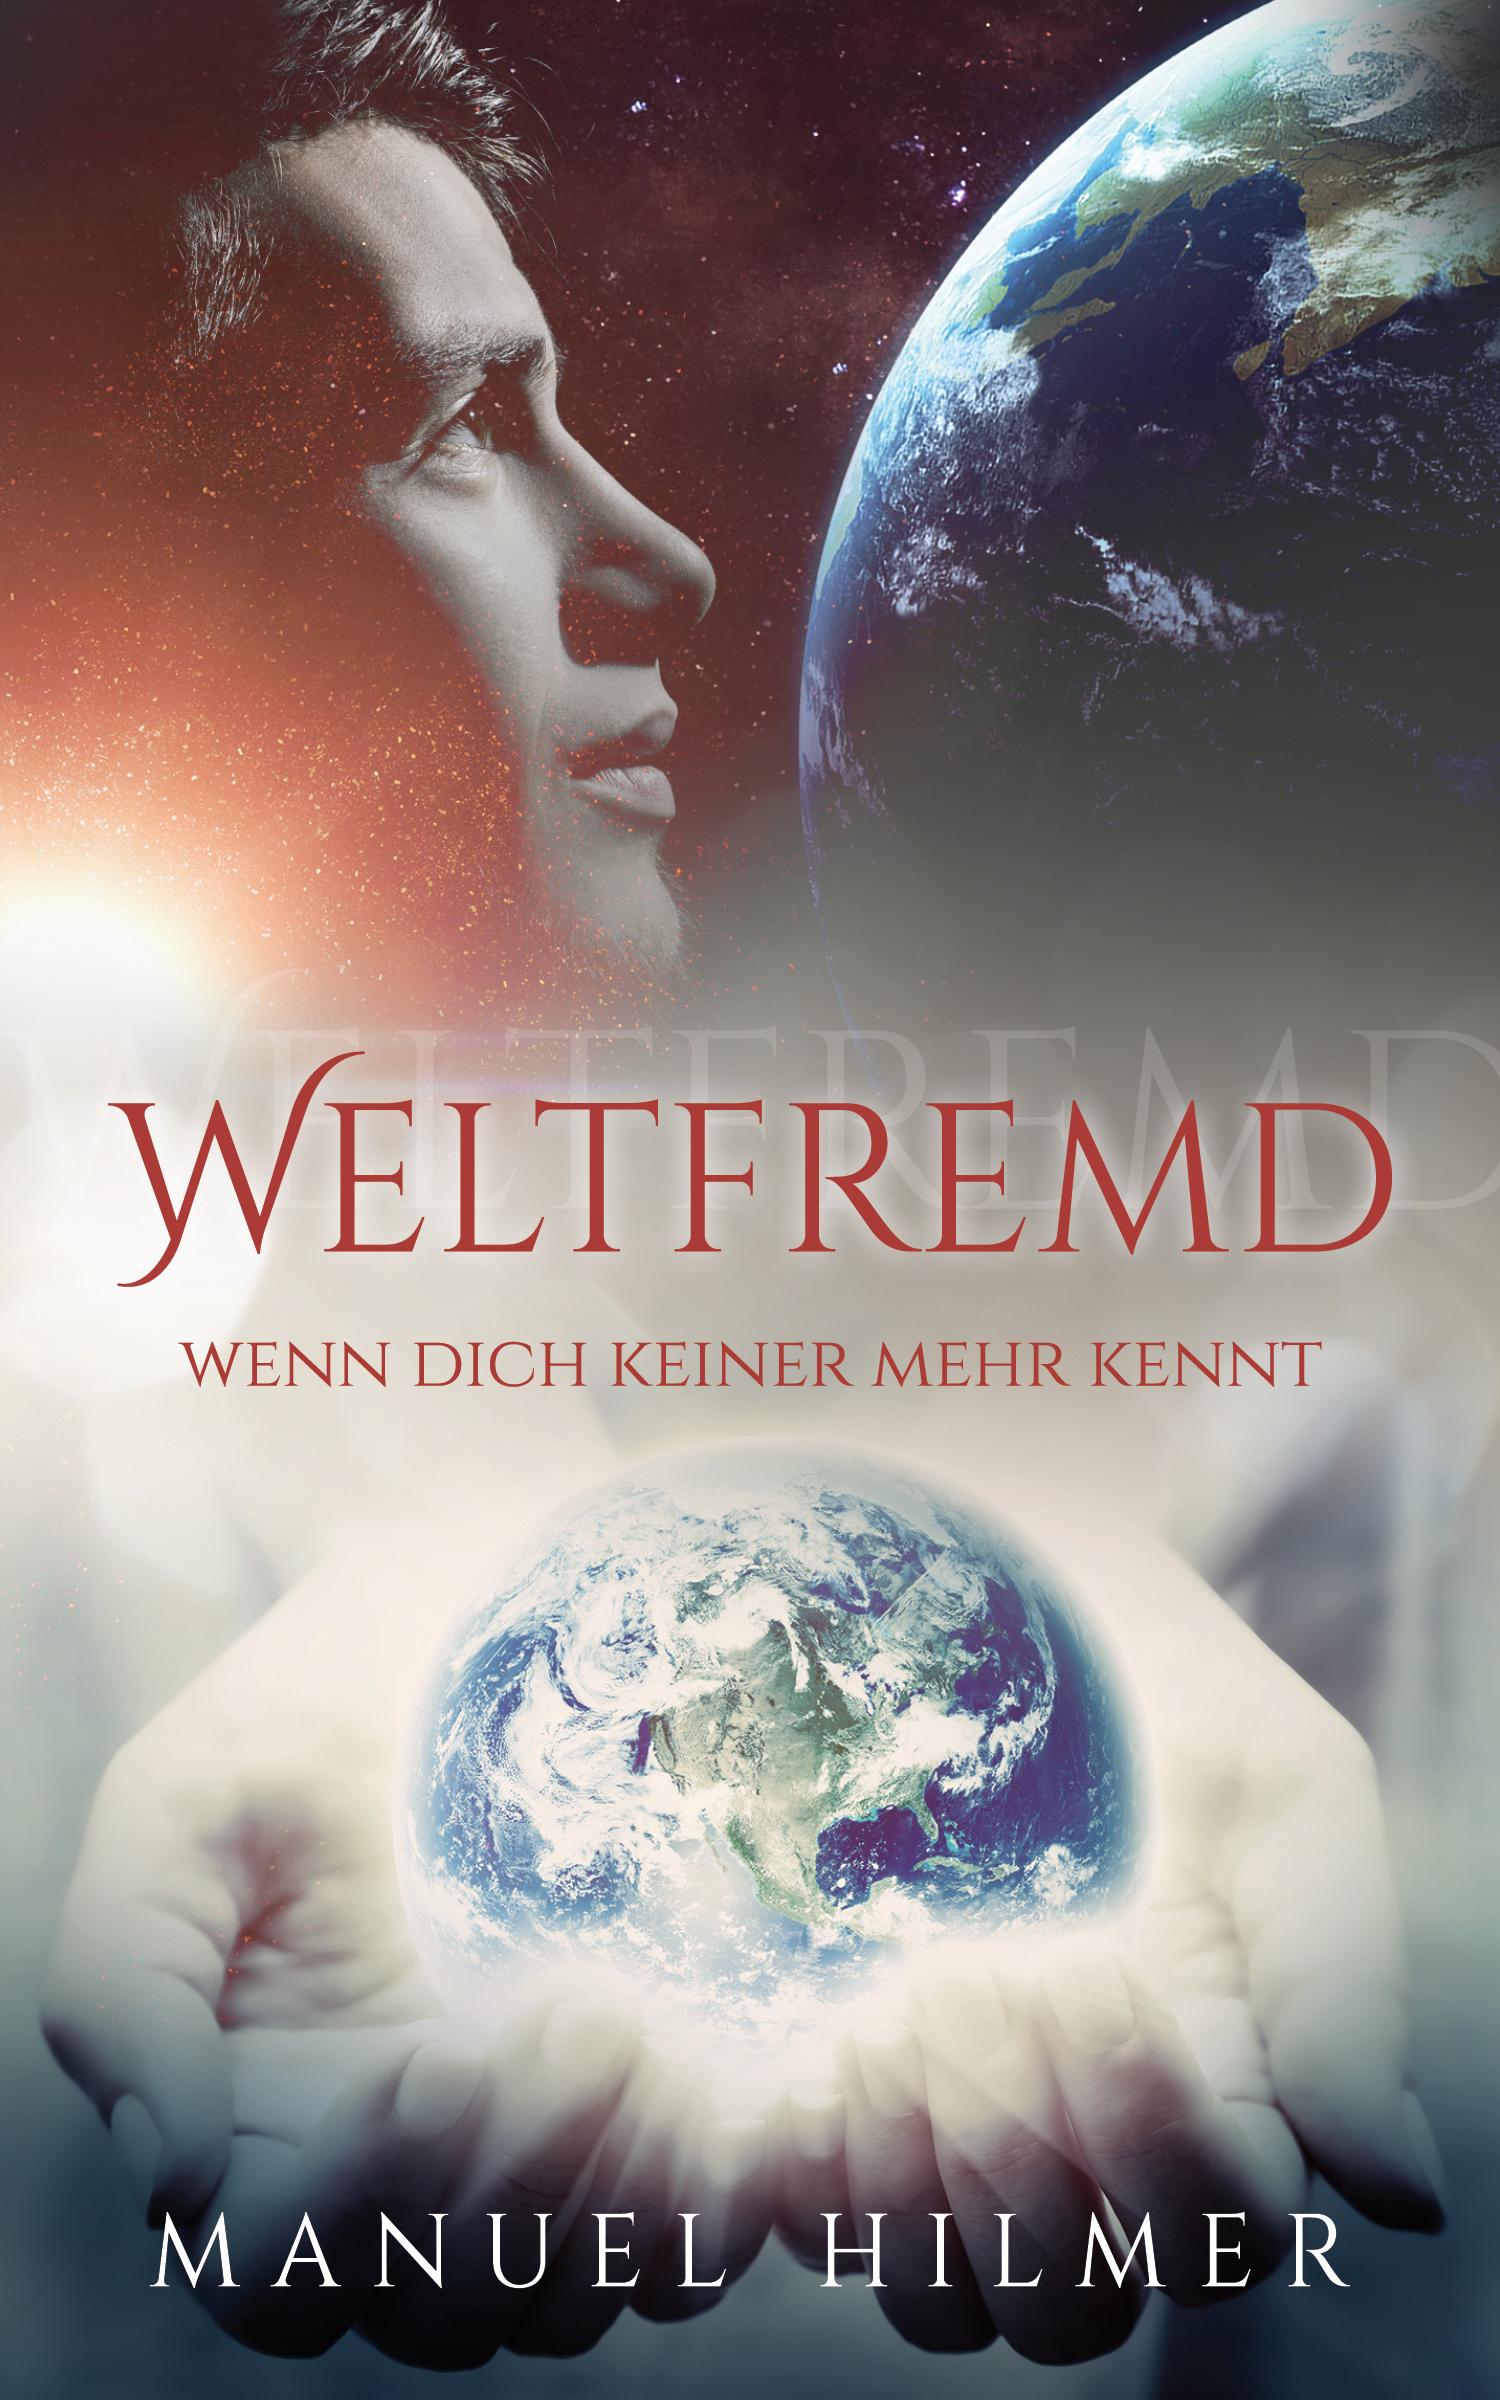 Manuel Hilmer – WELTFREMD